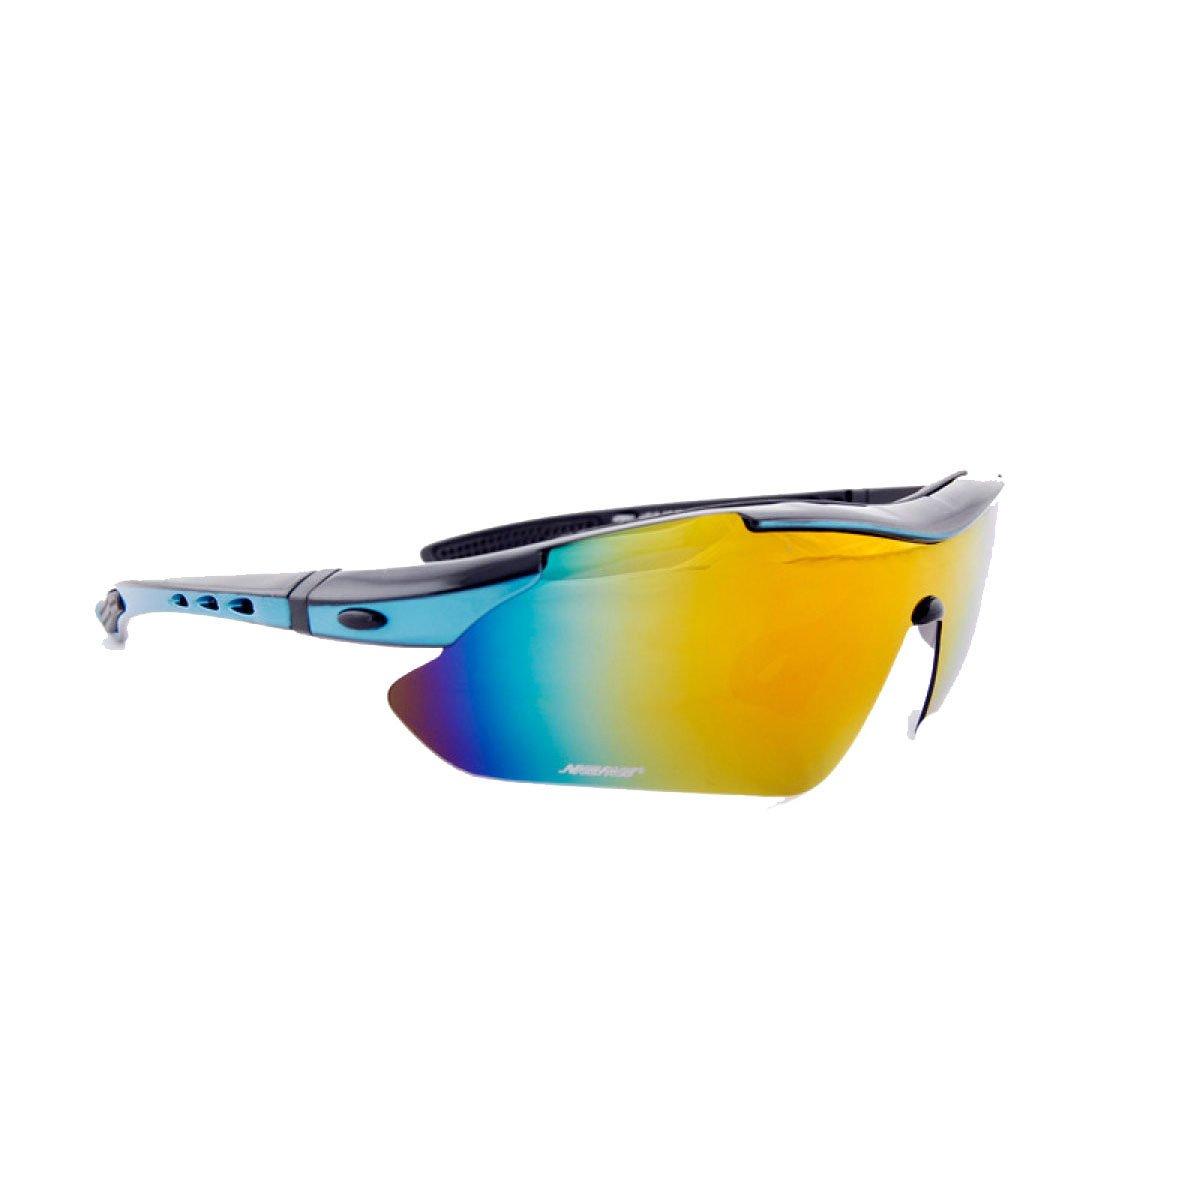 TZQ Outdoor Radfahren Polarisierte Sport Spiegel Brille Basketball Spiegel Multifunktionale Sonnenbrille,Gelb